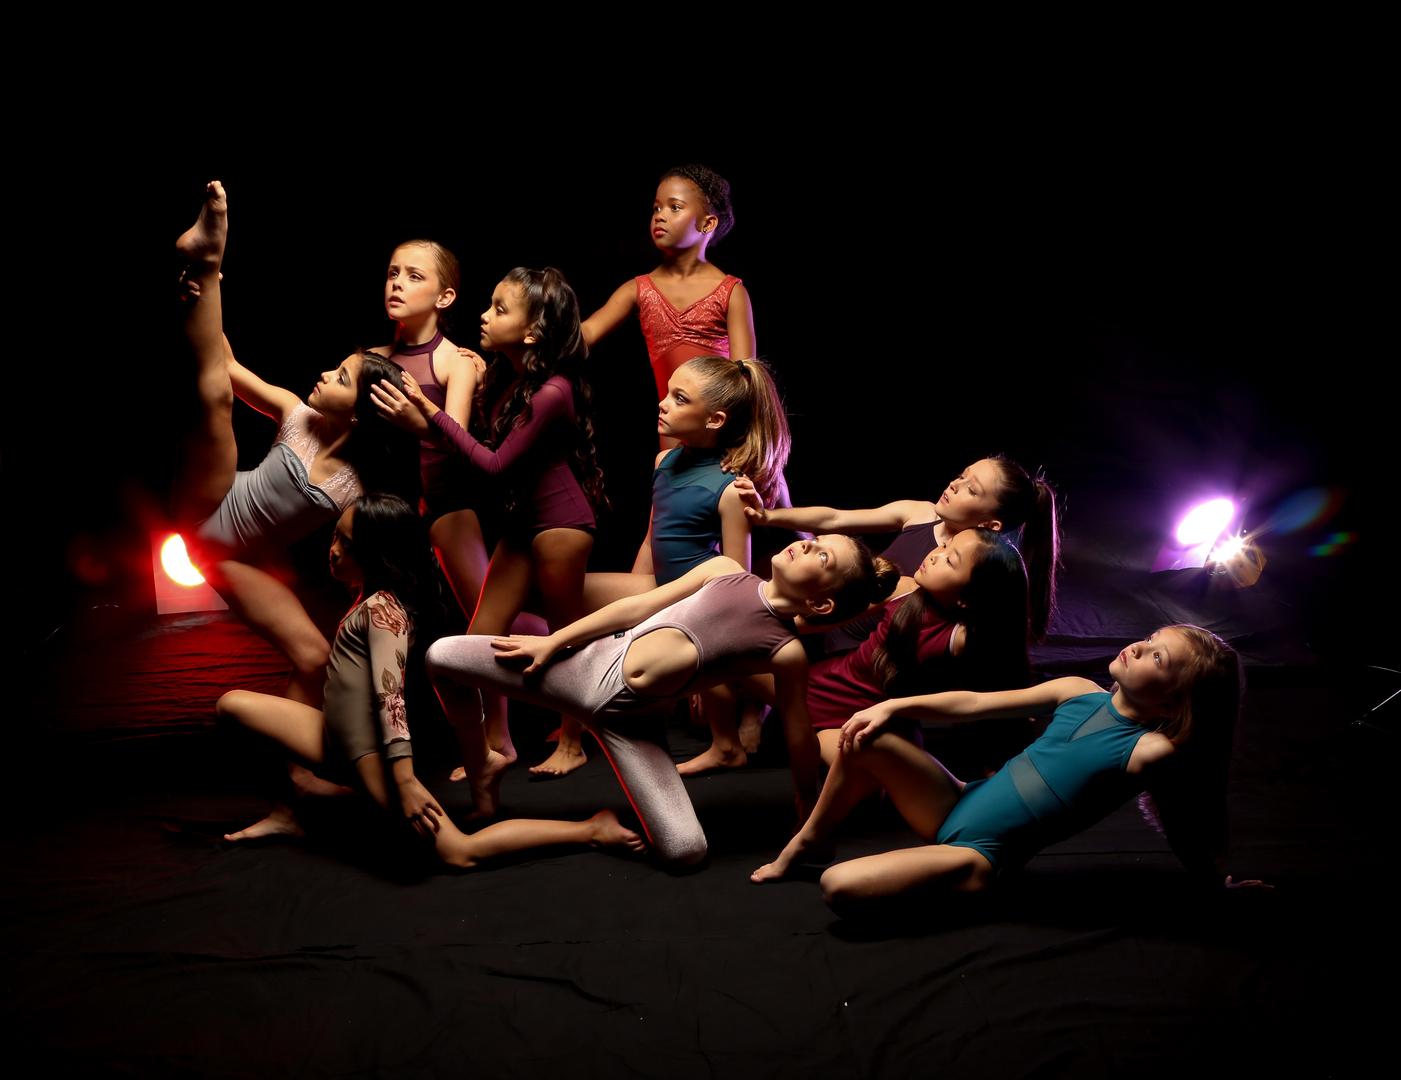 Nor Cal Dance Arts - Contemporary, Hip Hop, Ballet & More!